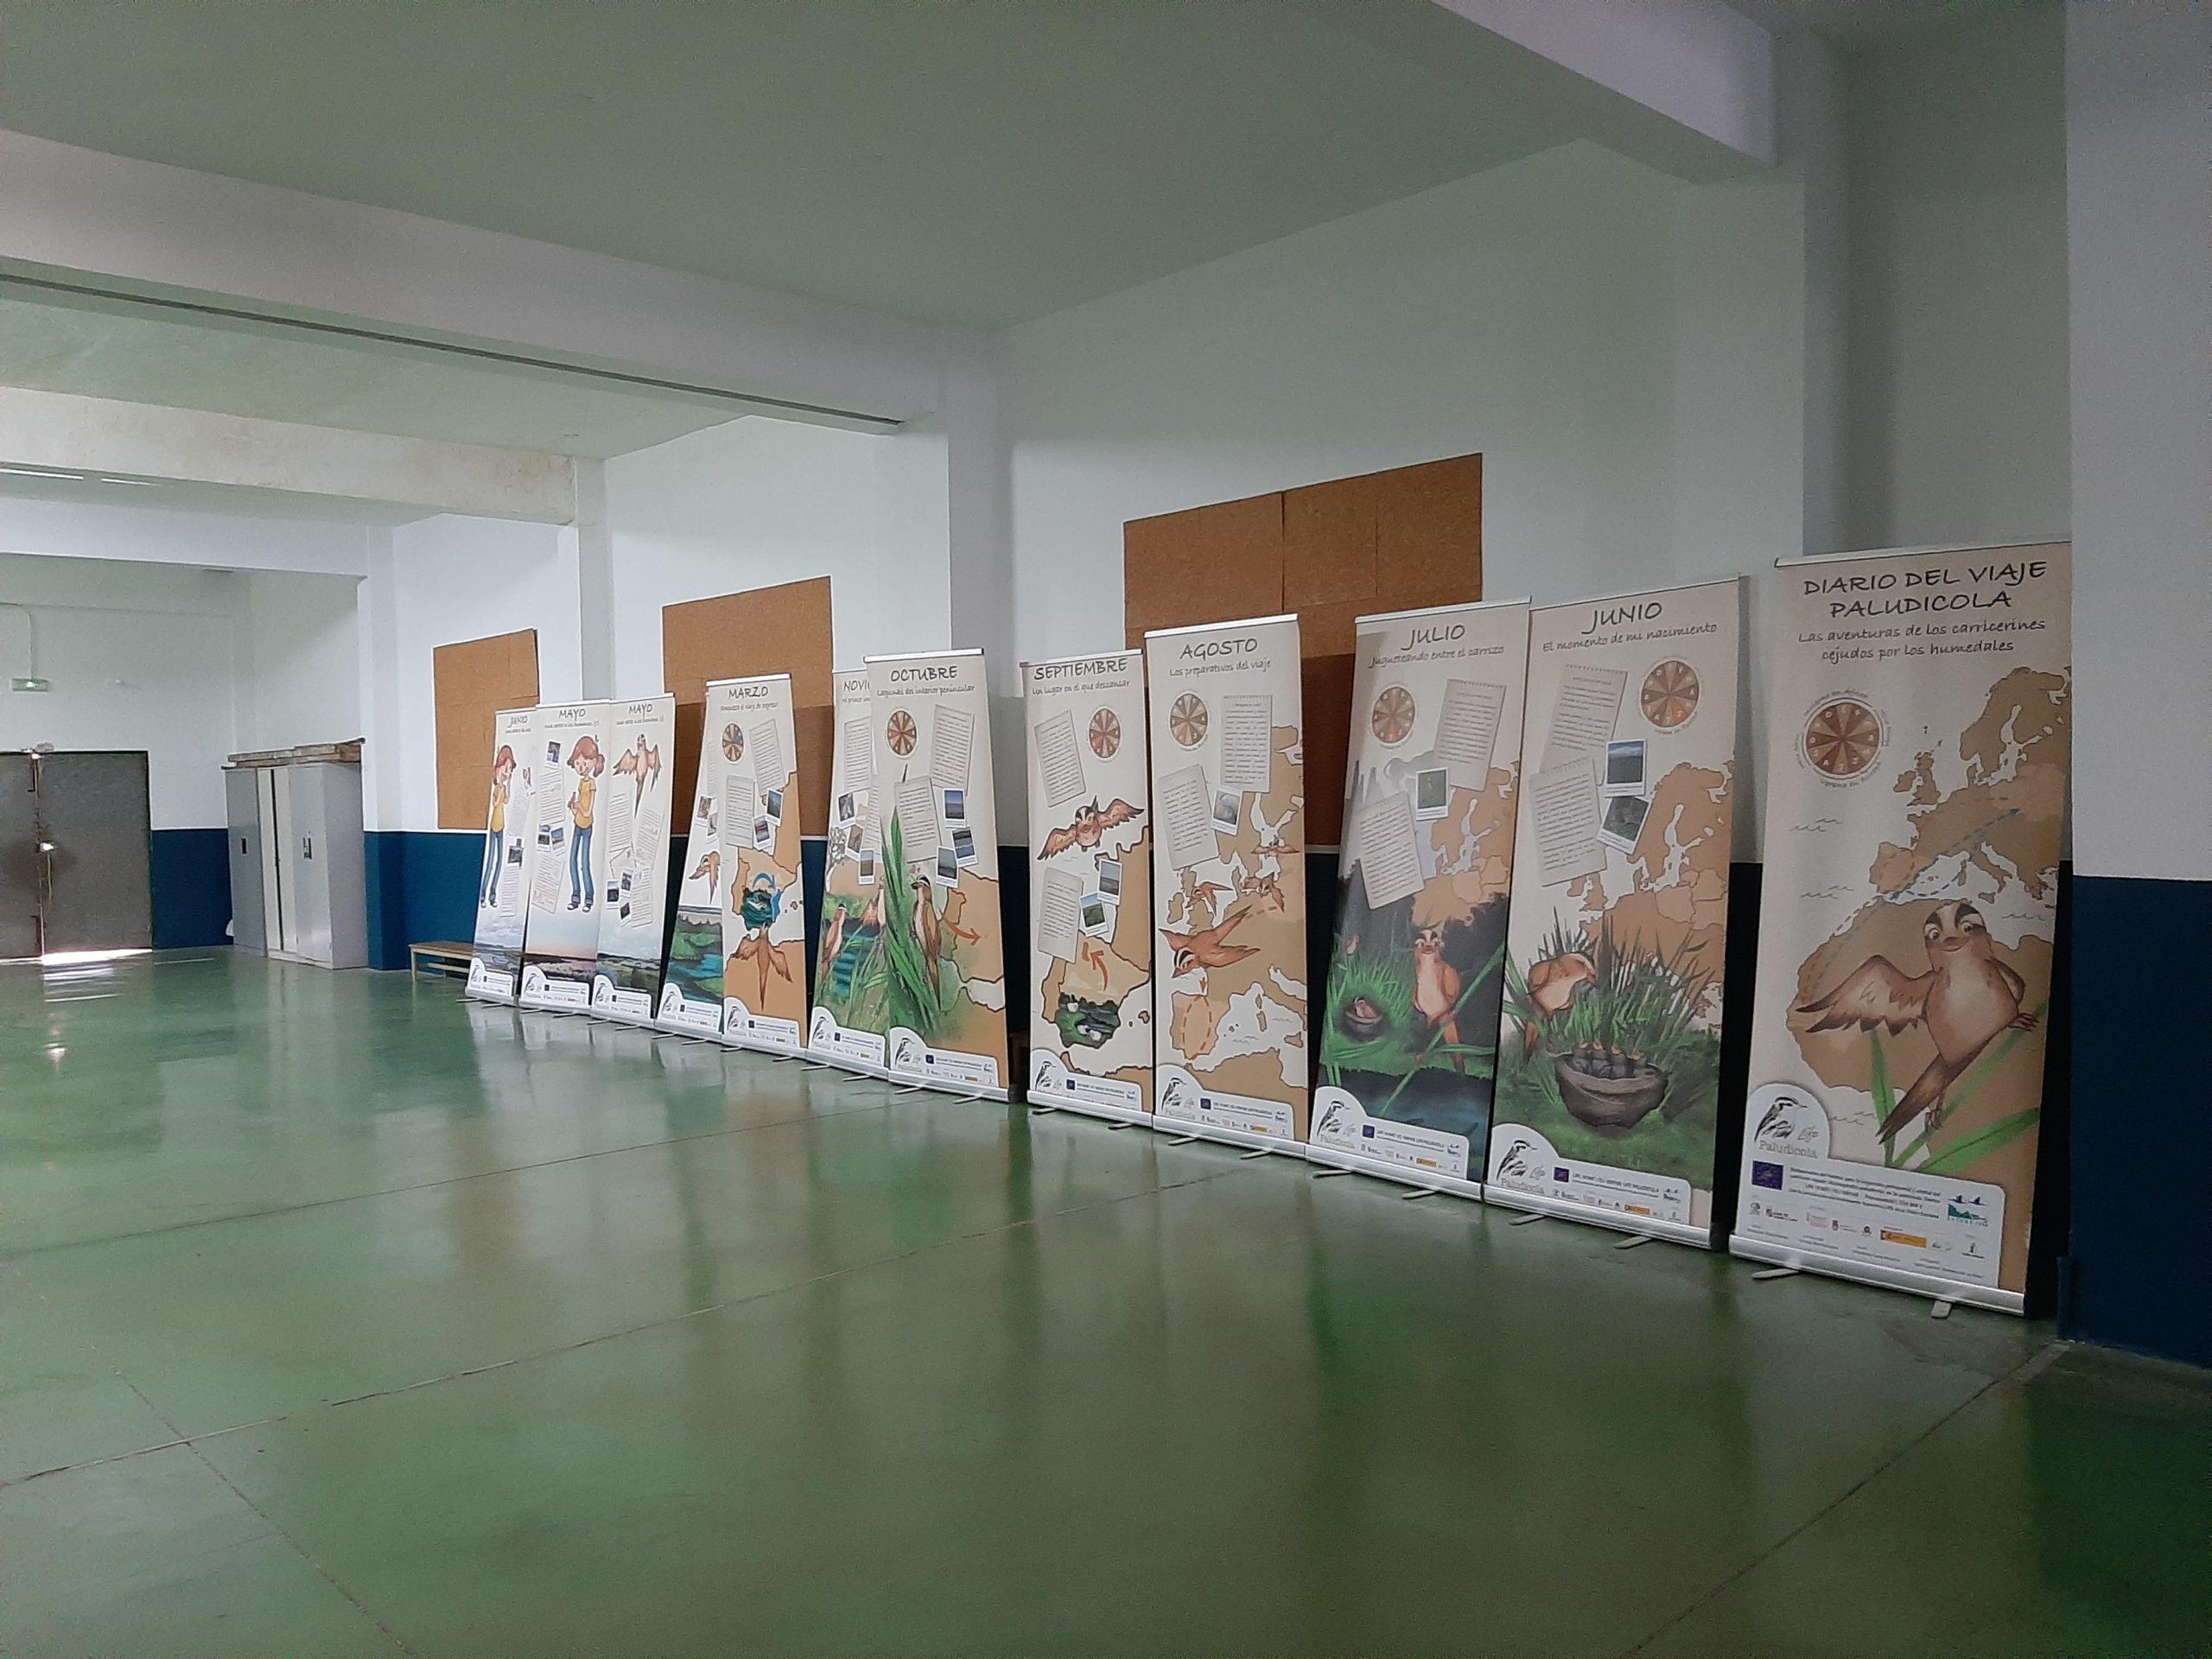 C:\Users\Usuario\Desktop\LIFE_Paludicola\FOTOS\Fotos_Acciones\E2\2020_02_19_ColegioMartíSorolla_Valencia\20200217_154501.jpg